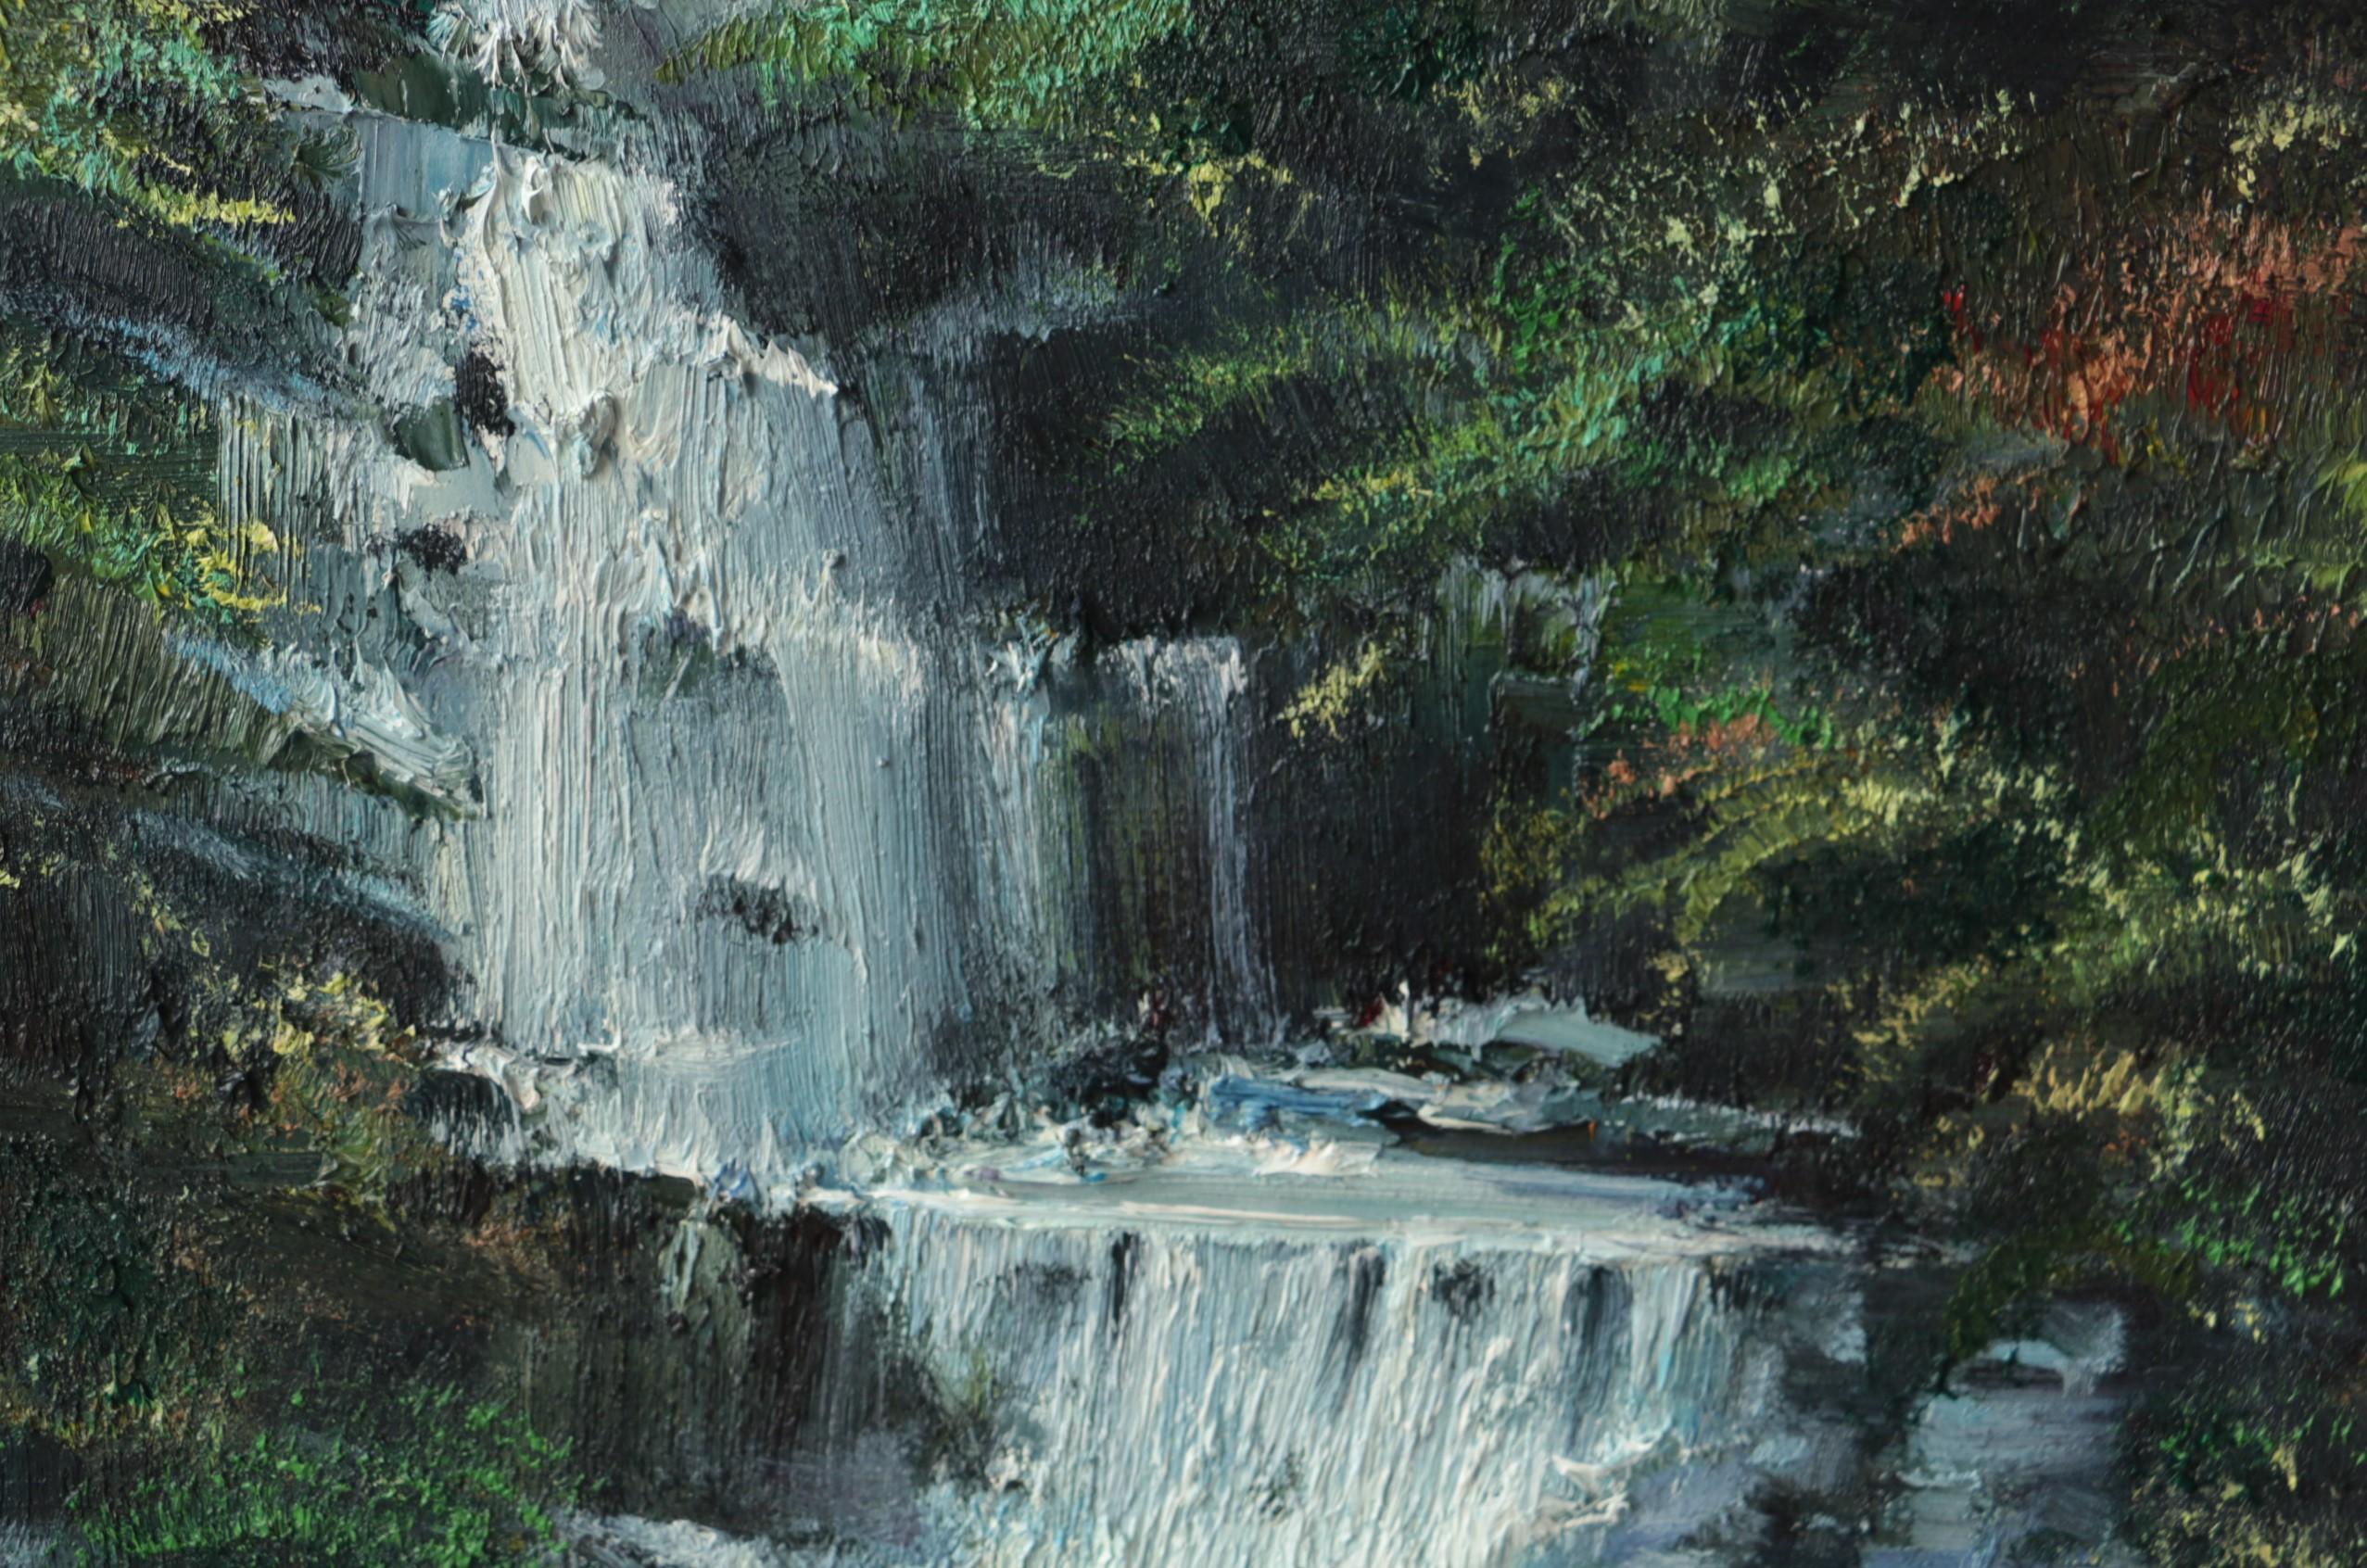 壁纸 风景 旅游 瀑布 山水 桌面 2554_1692